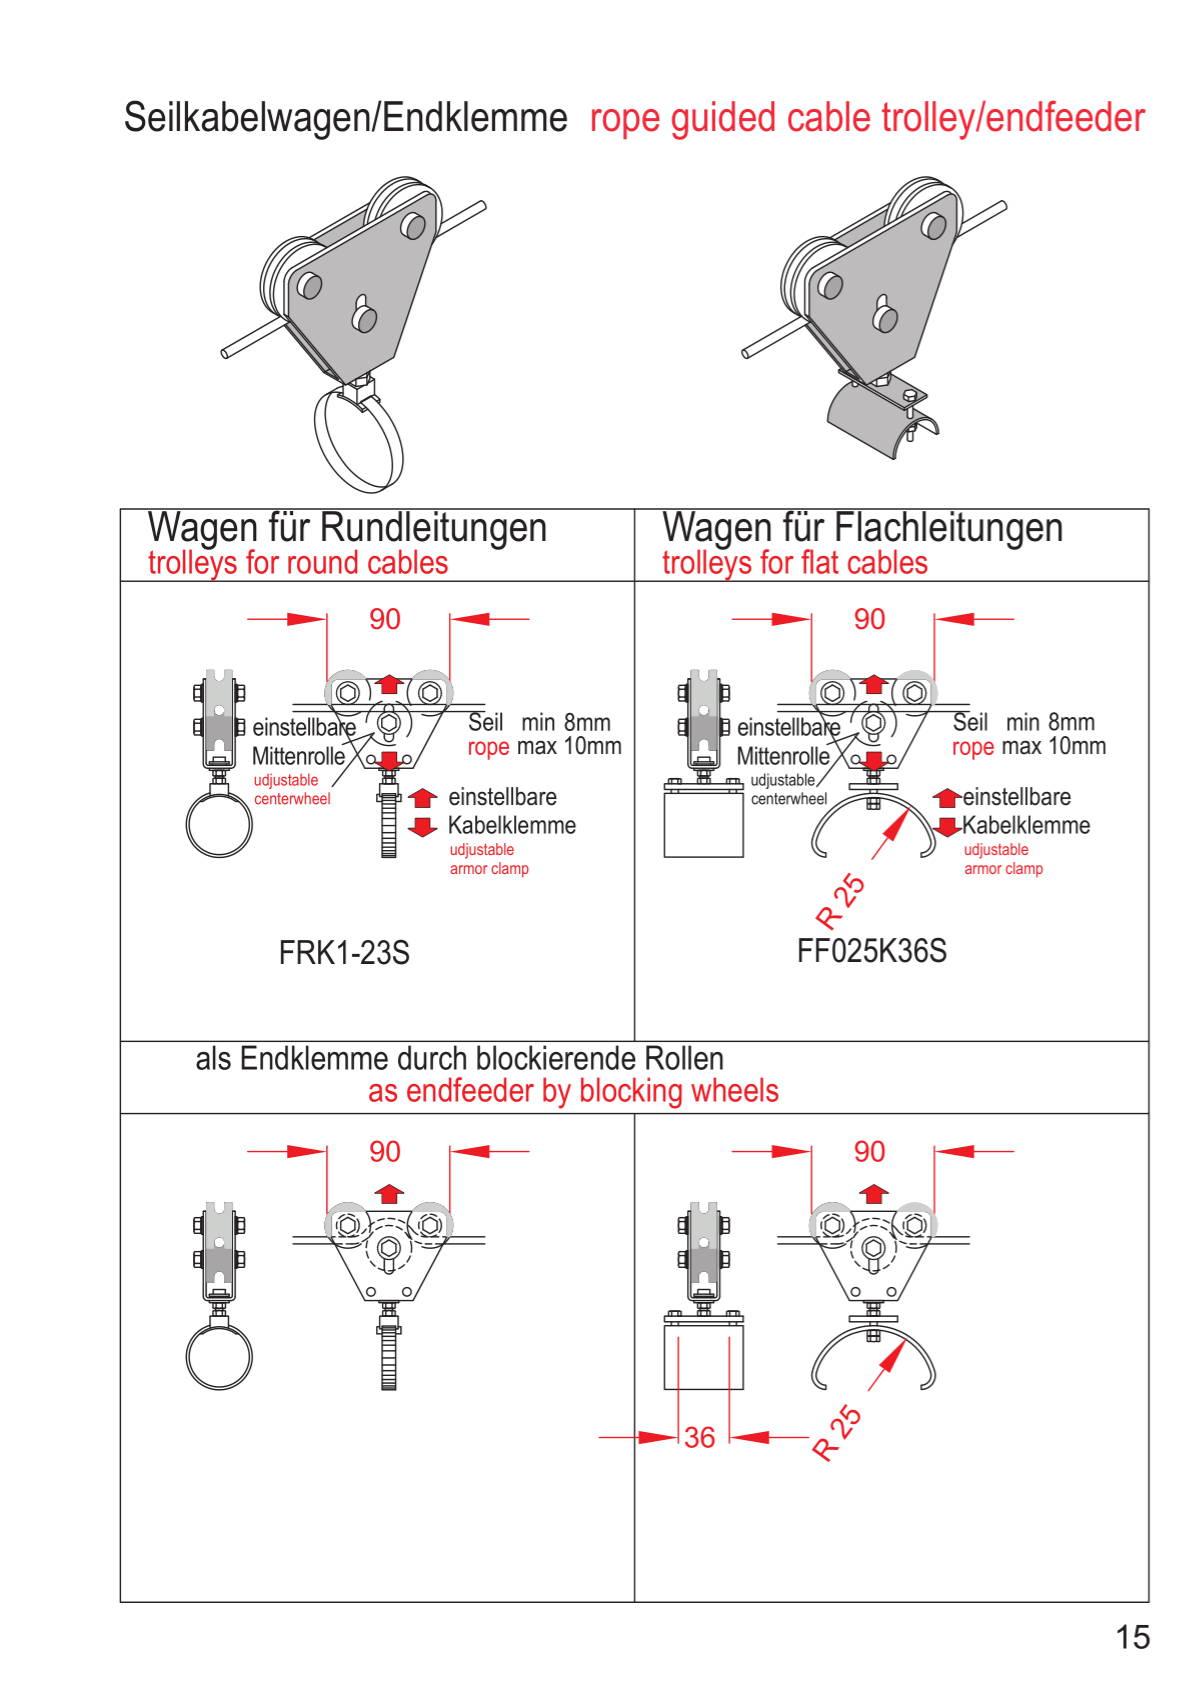 Erfreut Einstellbare Kabelklemmen Bilder - Die Besten Elektrischen ...